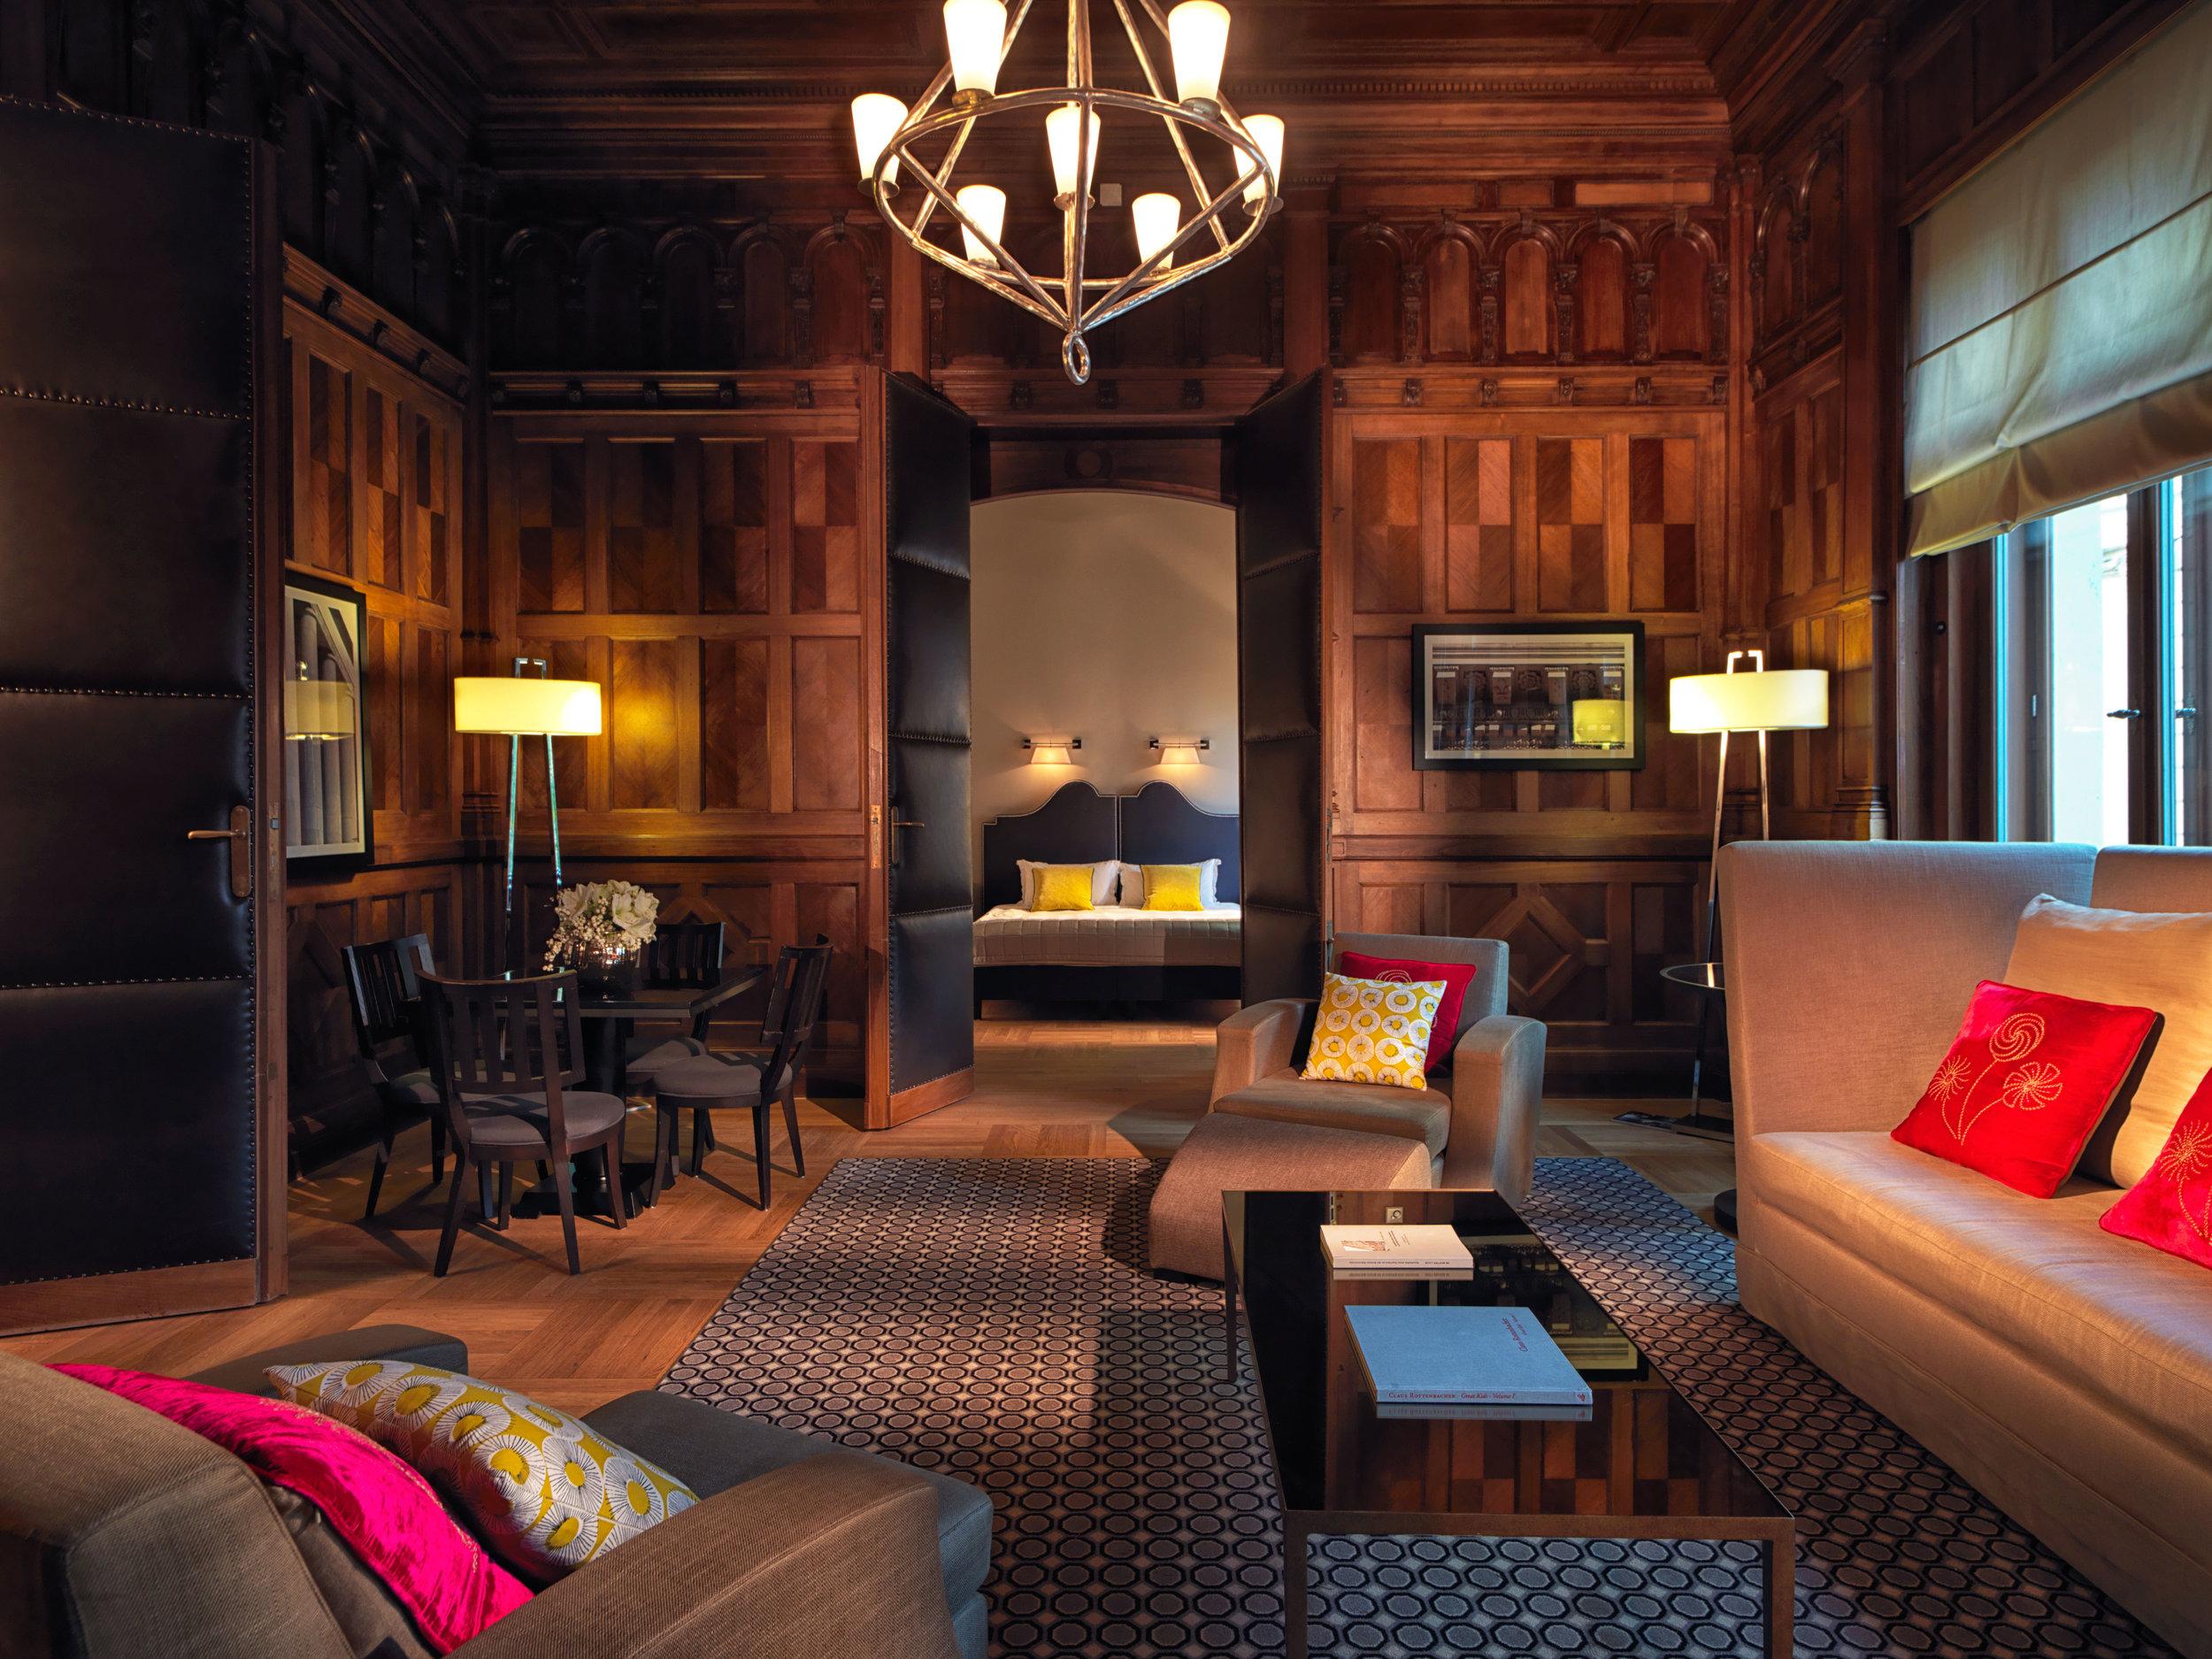 21 RFH Hotel de Rome - Renaissance Suite 101_0798 AH Oct 14.jpg